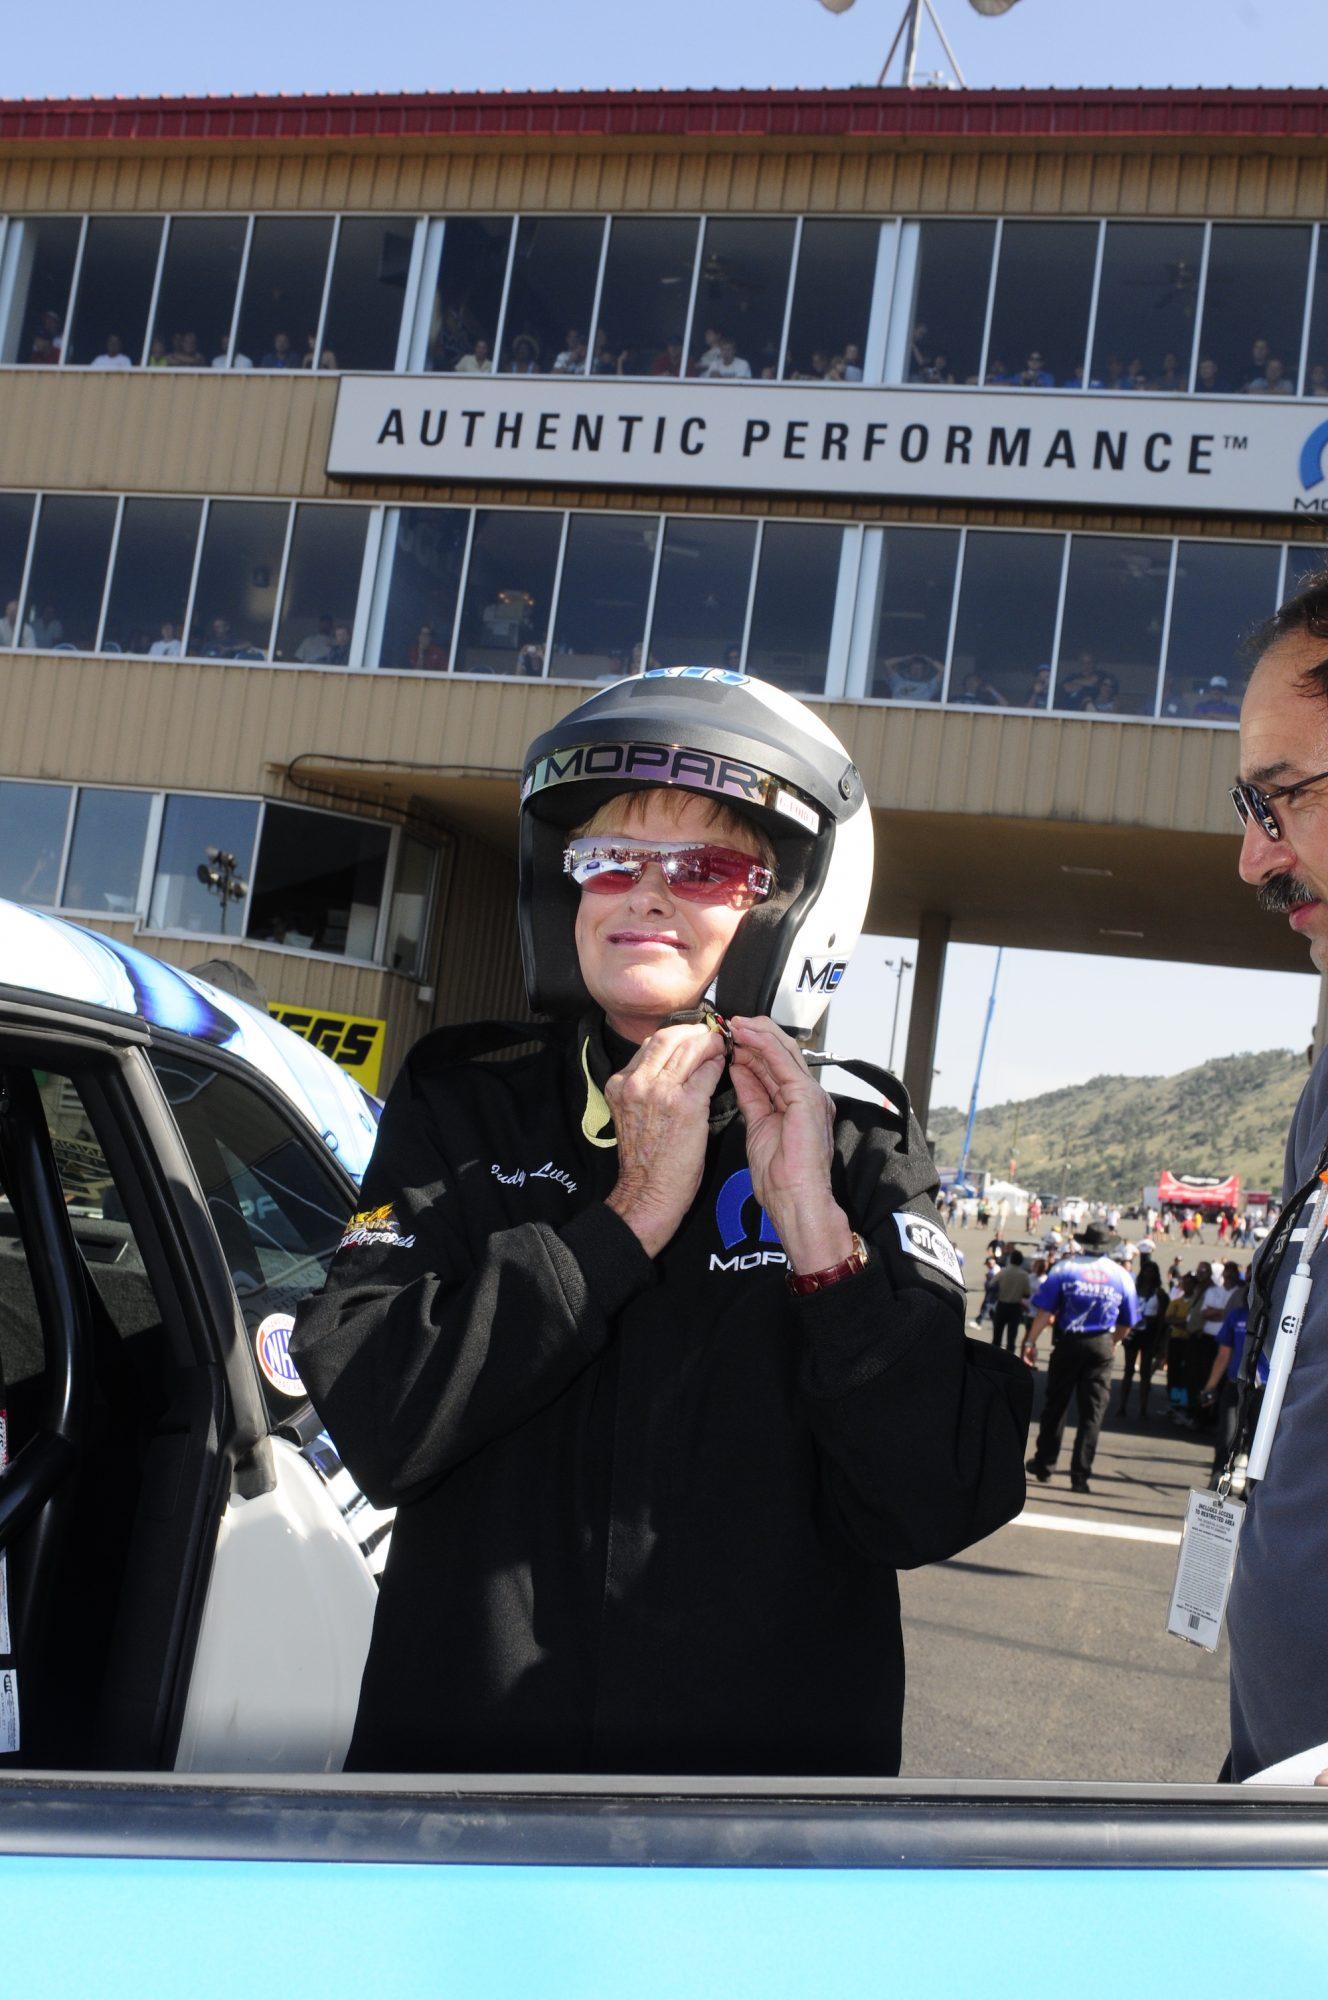 Judy Lilly strapping on a Mopar helmet